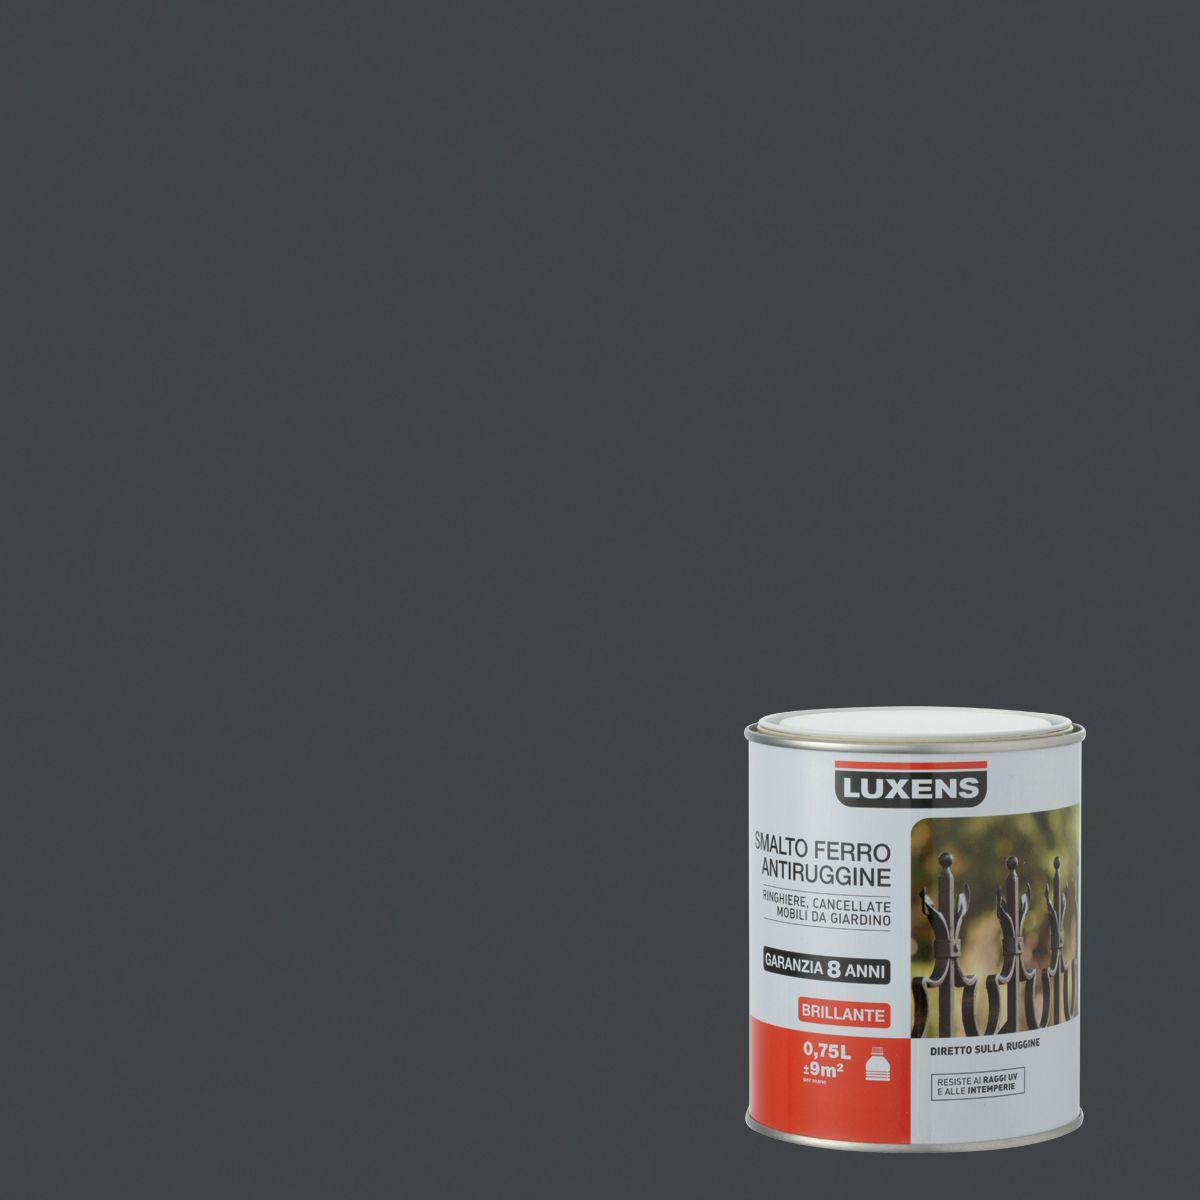 Charming Smalto Per Ferro Antiruggine Luxens Grigio Zincato 1 Brillante 0,75 L:  Prezzi E Offerte Online